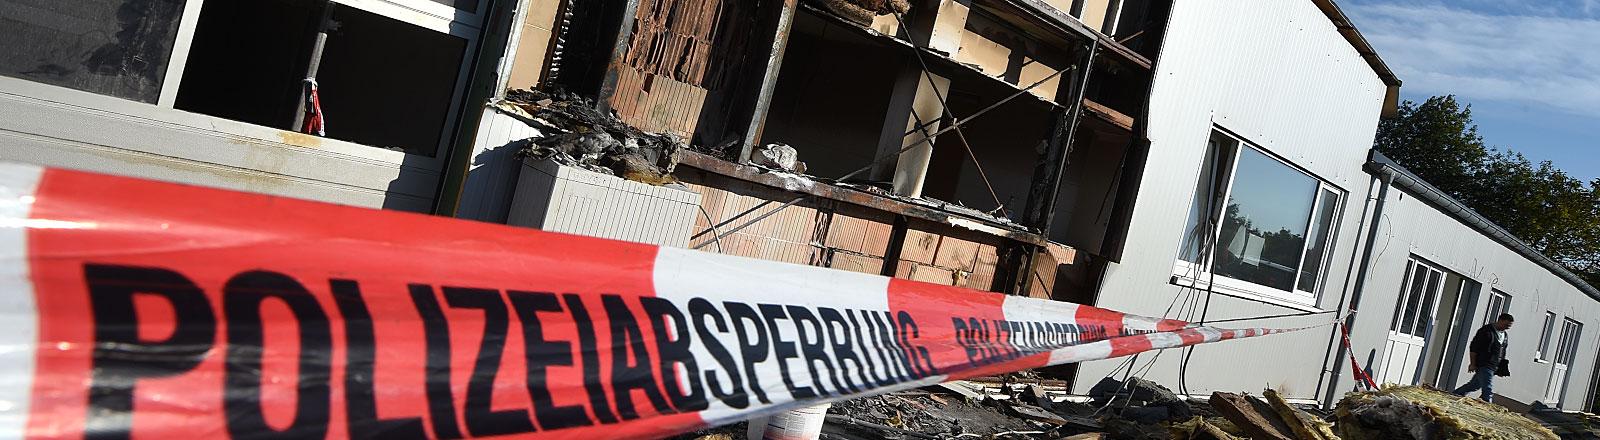 Ein Absperrband der Polizei sichert am 29.09.2015 in Oberteuringen (Baden-Württemberg) eine leerstehende Lagerhalle, deren Fassade am Dienstagmorgen gebrannt hat. Die Lagerhalle sollte zu einer Unterkunft für Asylbewerber umgebaut werden. Die Polizei geht von Brandstiftung aus.